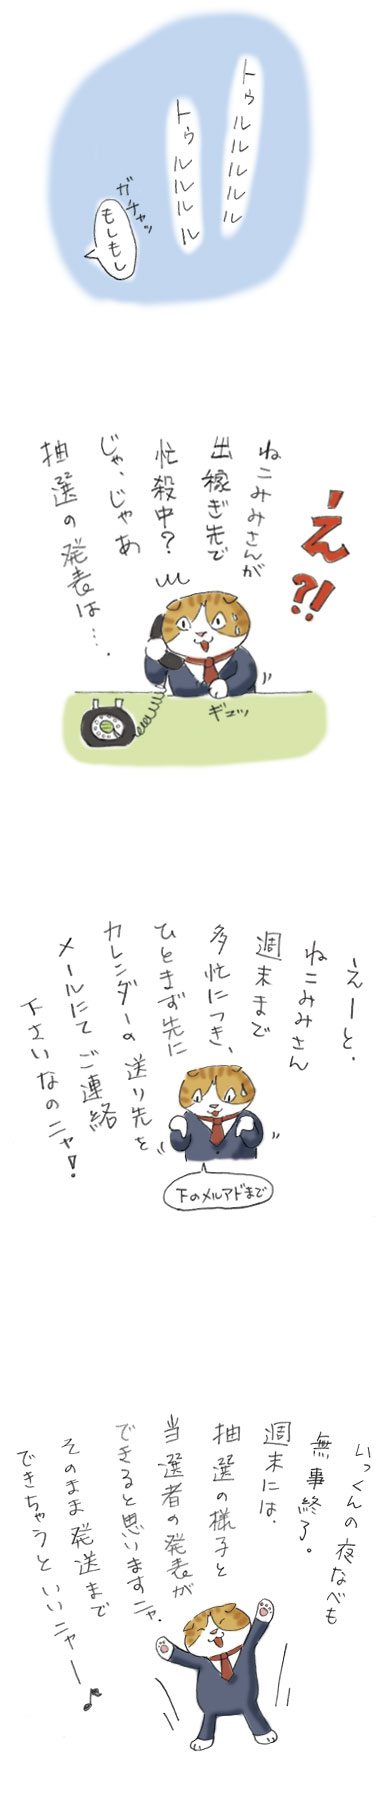 お知らせニャ〜